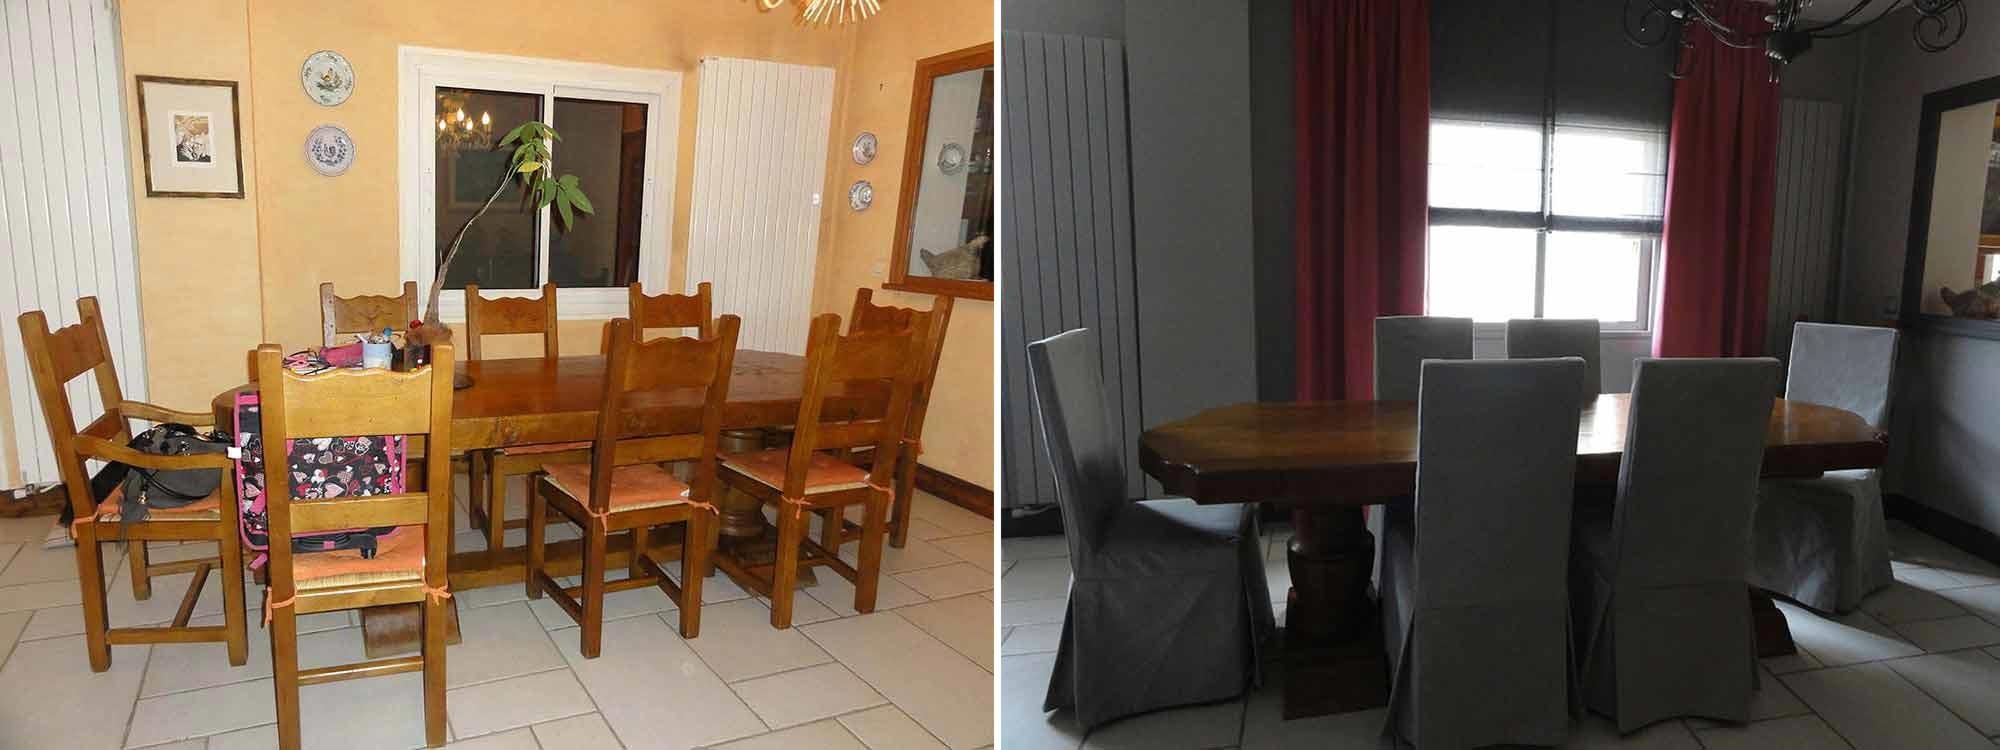 Exemples avant apr s r novation int rieure lgelc paris for Renovation salle a manger et salon